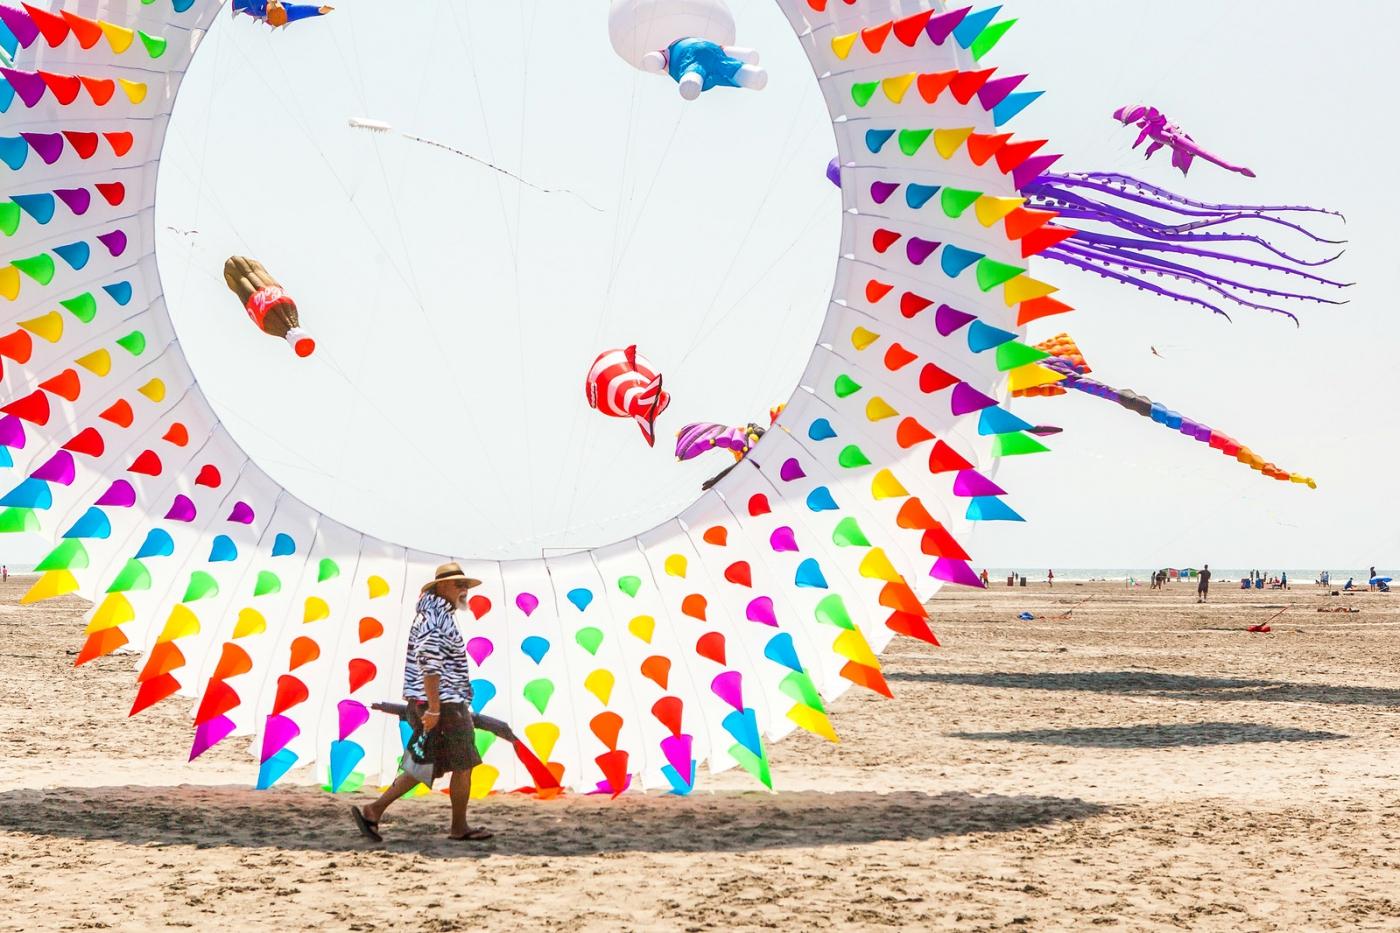 超大的风筝,真是少见_图1-8